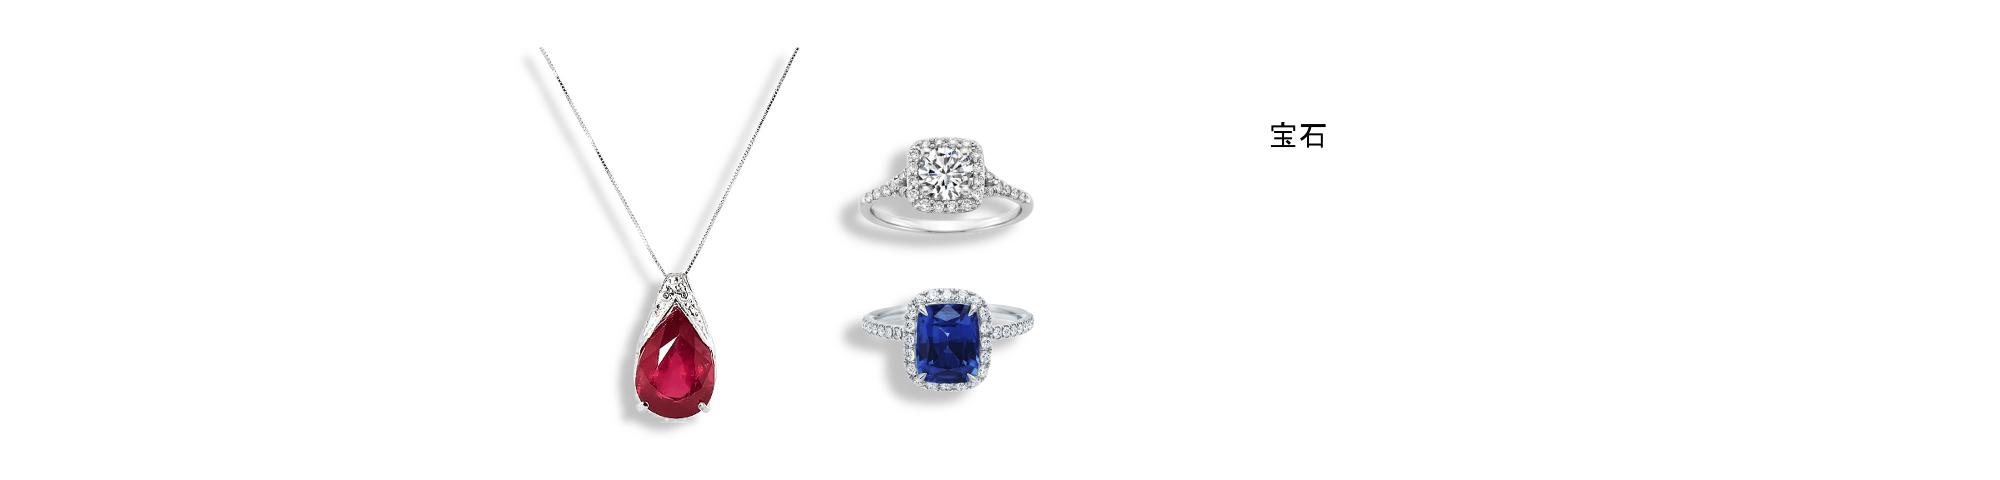 宝石の高価買取ならお任せ下さい。